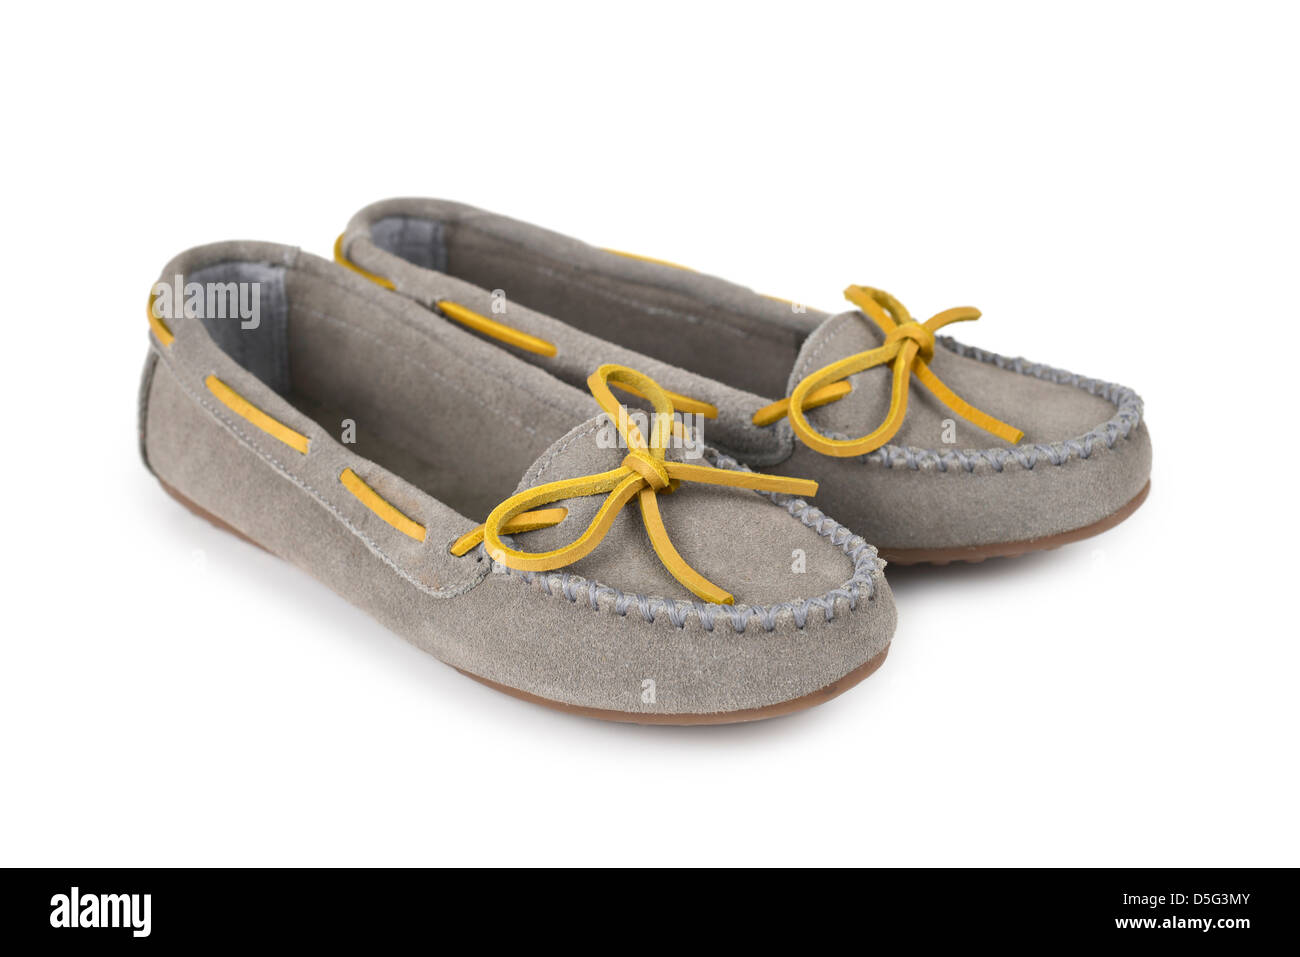 Les mocassins, chaussures pour femmes Photo Stock